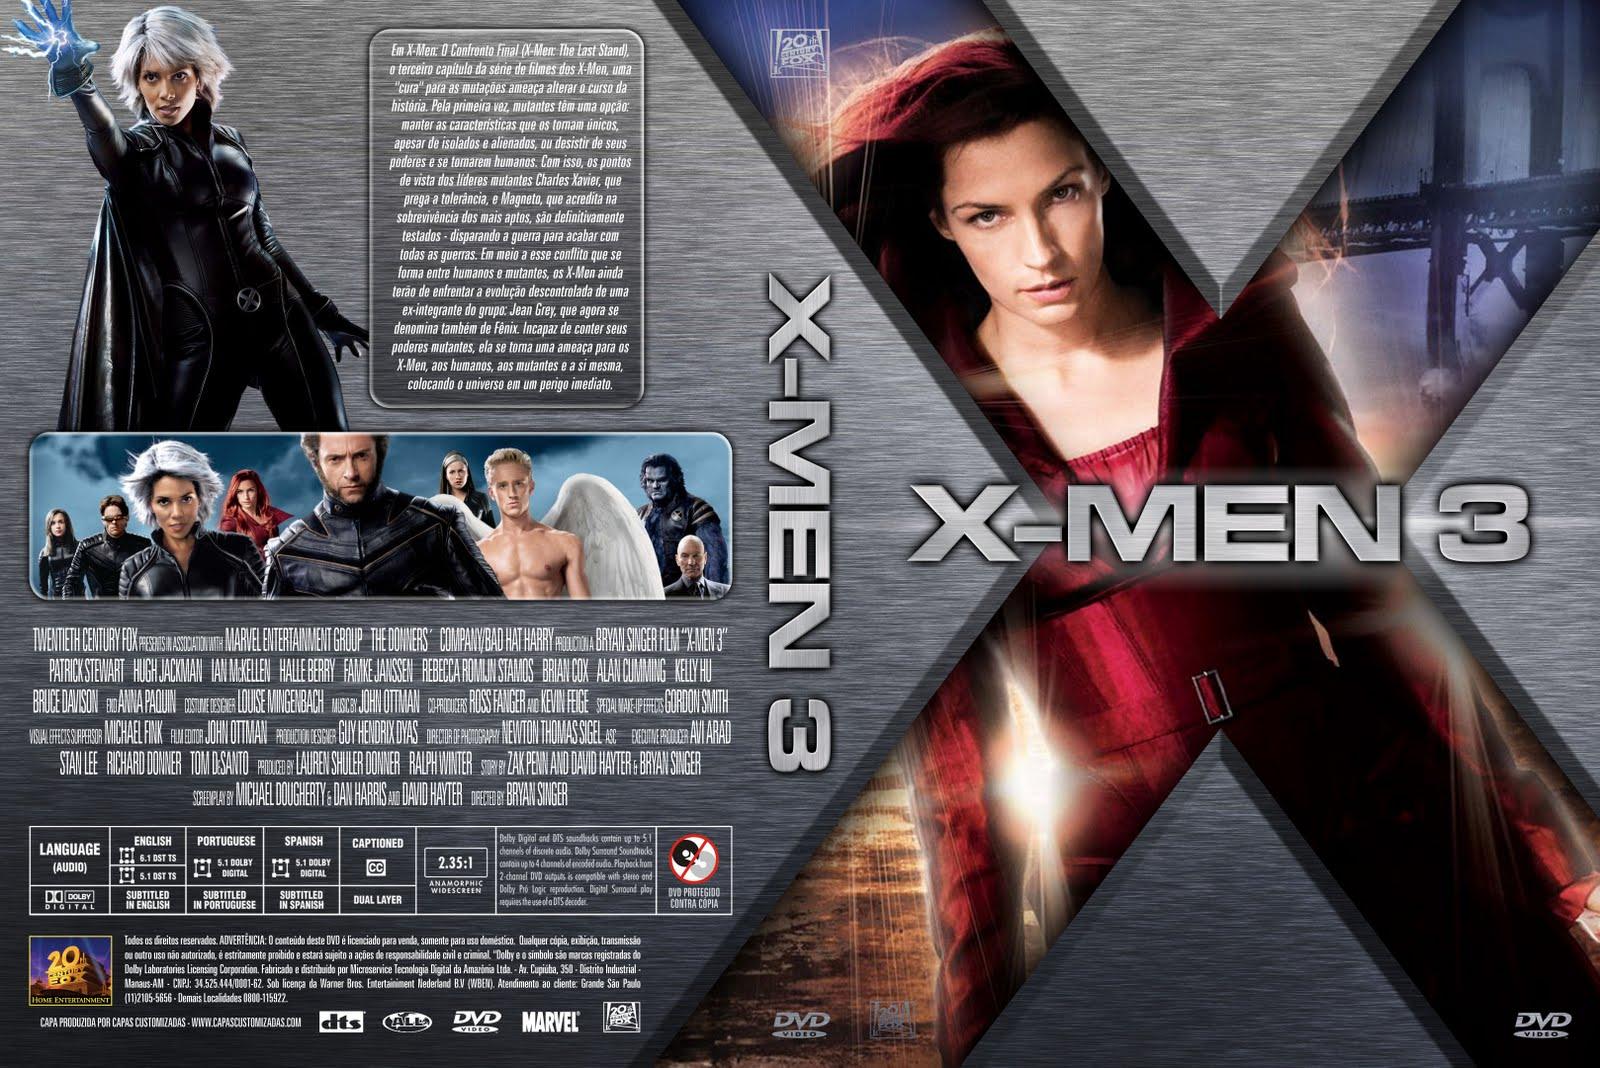 CONFRONTO O FINAL X-MEN FILME DUBLADO RMVB BAIXAR